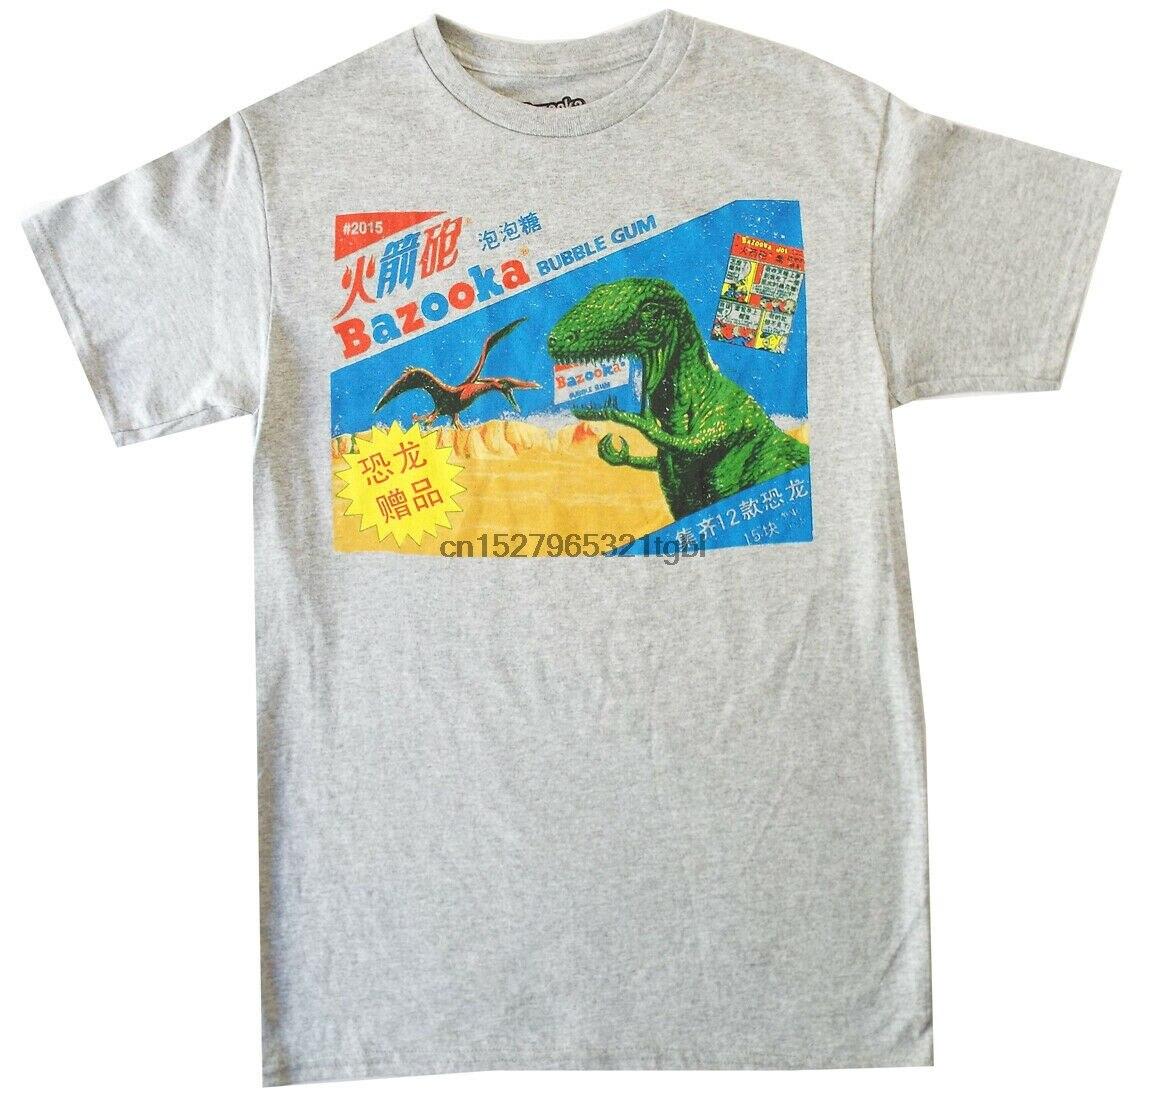 Camiseta Bazooka Joe Gum S-L-XL) para hombre, superfan de caramelos japoneses prehistórico, nueva camiseta Cool Casual pride, moda Unisex para hombres